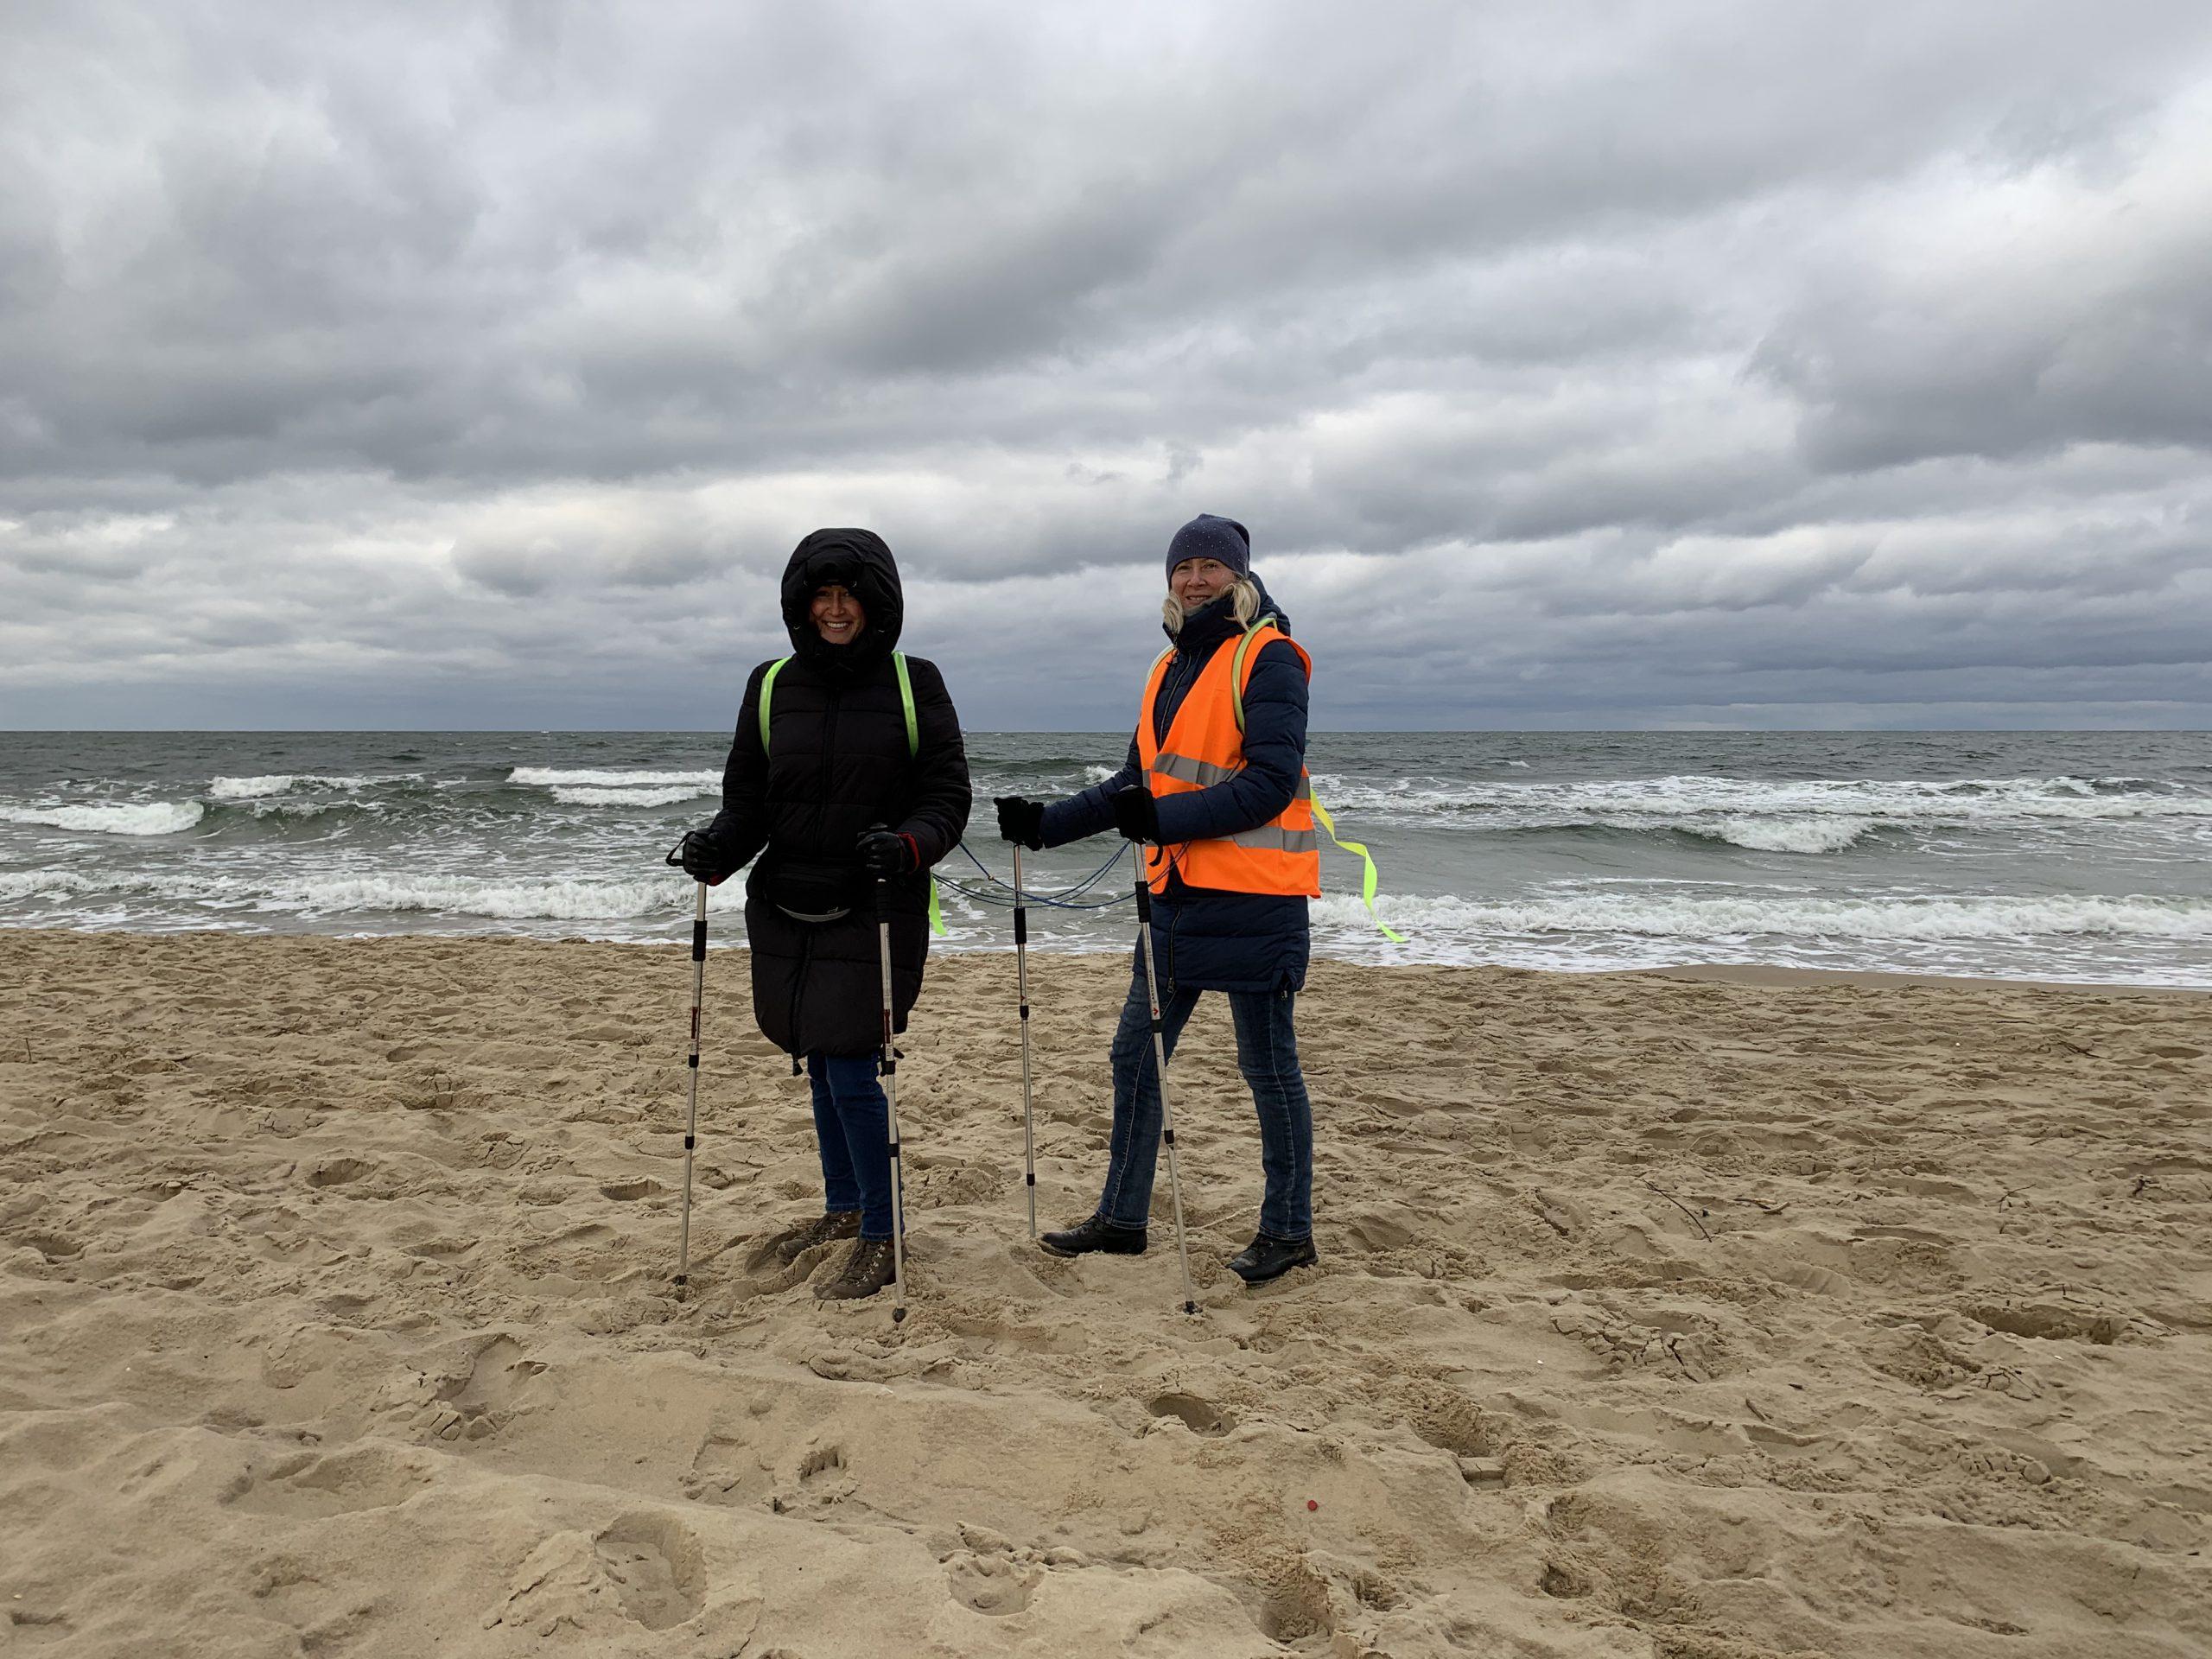 Dwie kobiety stoją na plaży, nad brzegiem morza. Są ustawione tyłem do morza, uśmiechają się. Mają na sobie długie spodnie i ciemne kurtki. Na kurtkach kamizelki odblaskowe. Obie trzymają w rękach kijki do nordic walkingu. Jedna z nich ma na głowie kaptur.